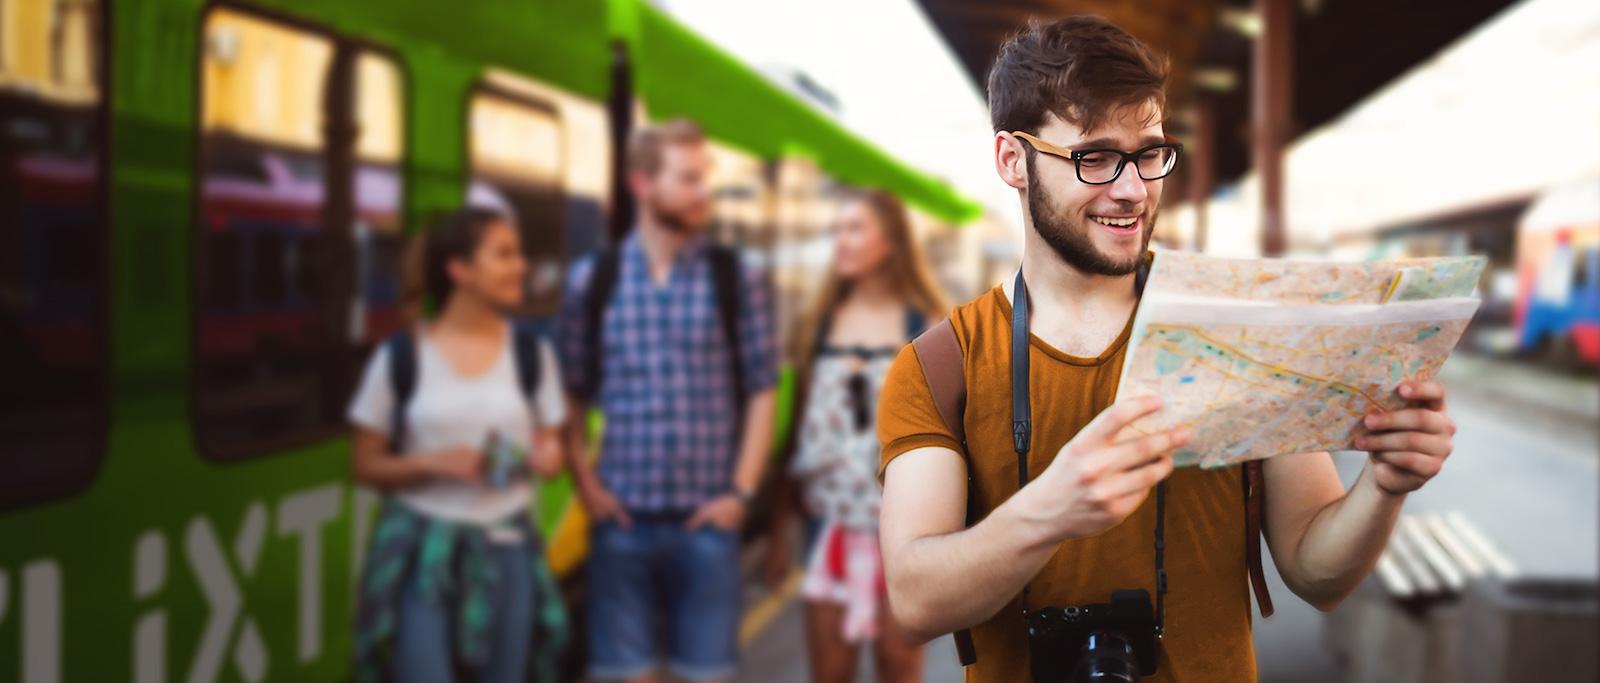 FlixBus Company Launches FlixTrain to Reinvent Rail Travel